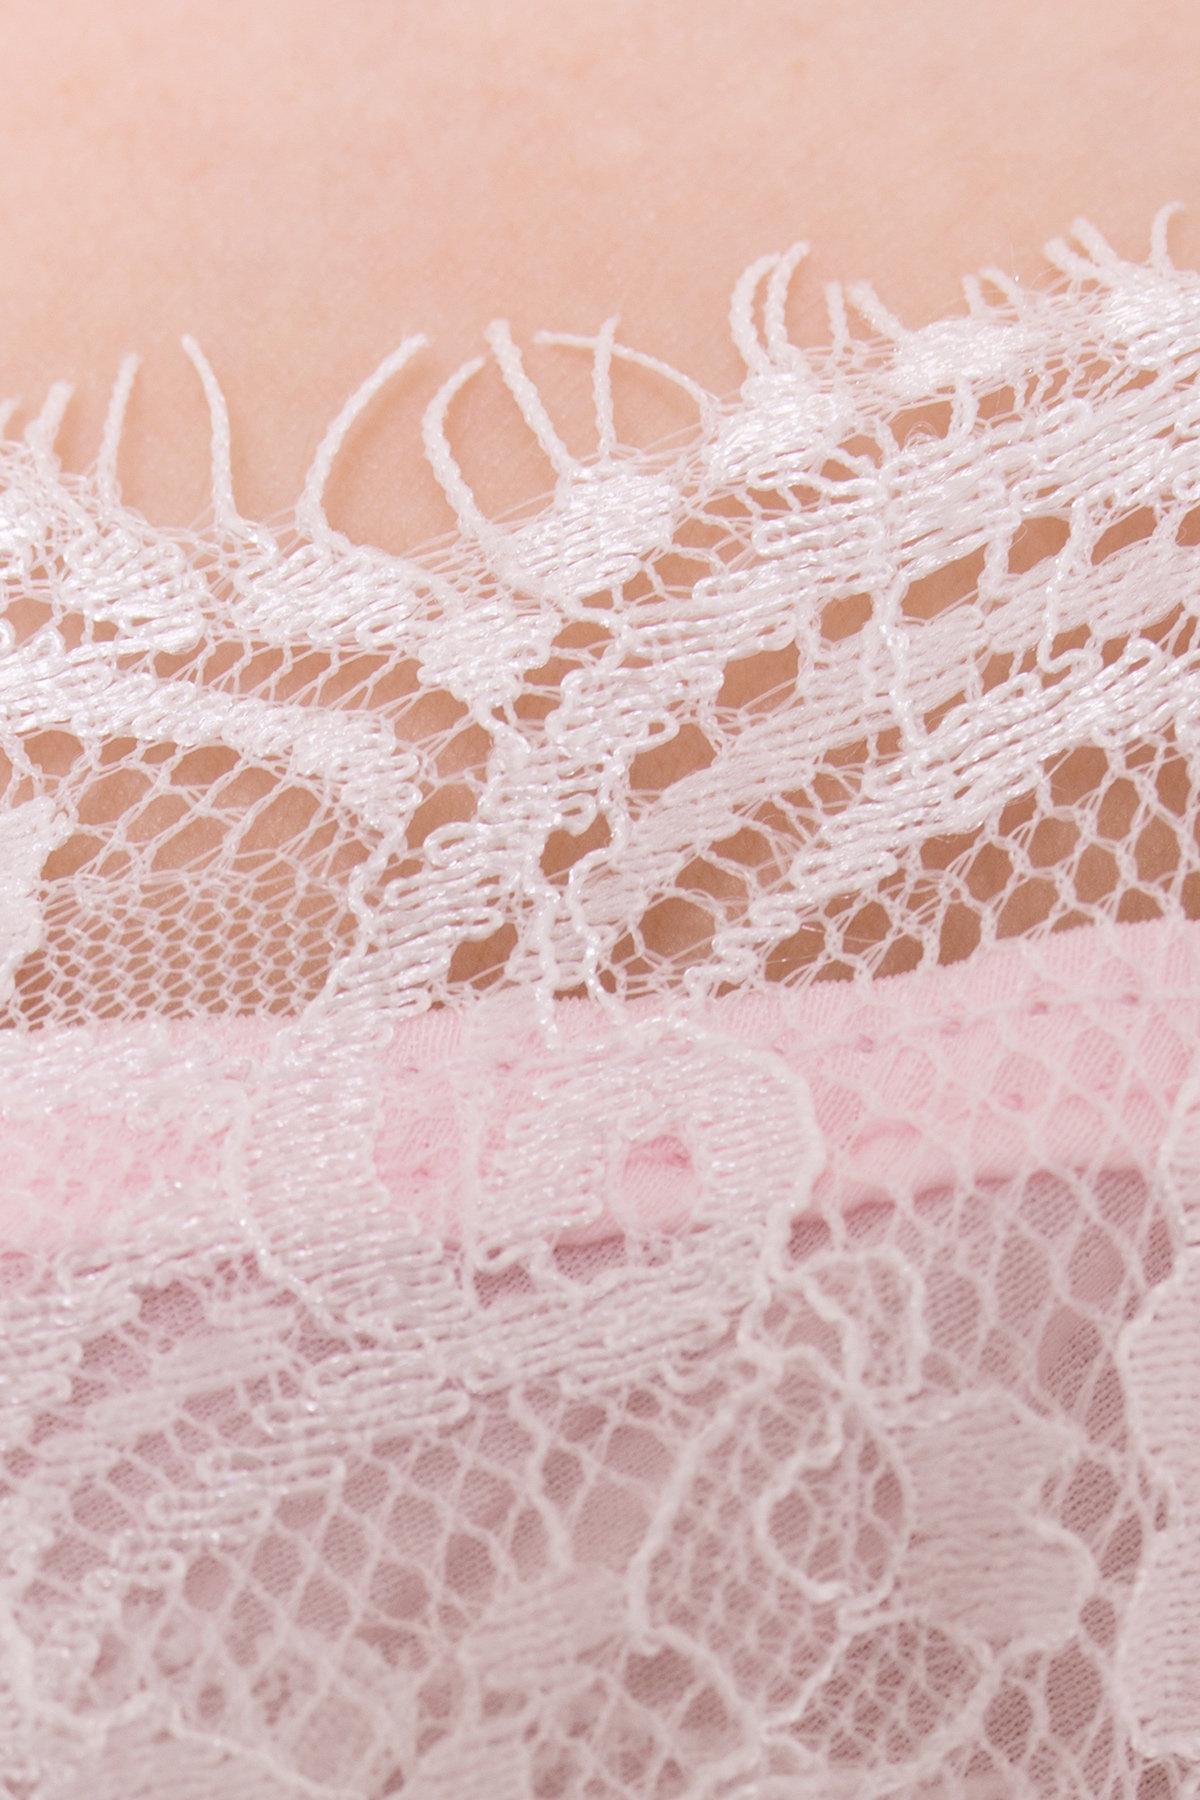 Блуза-топ Беатрис 3160 АРТ. 16334 Цвет: Светло-розовый - фото 2, интернет магазин tm-modus.ru